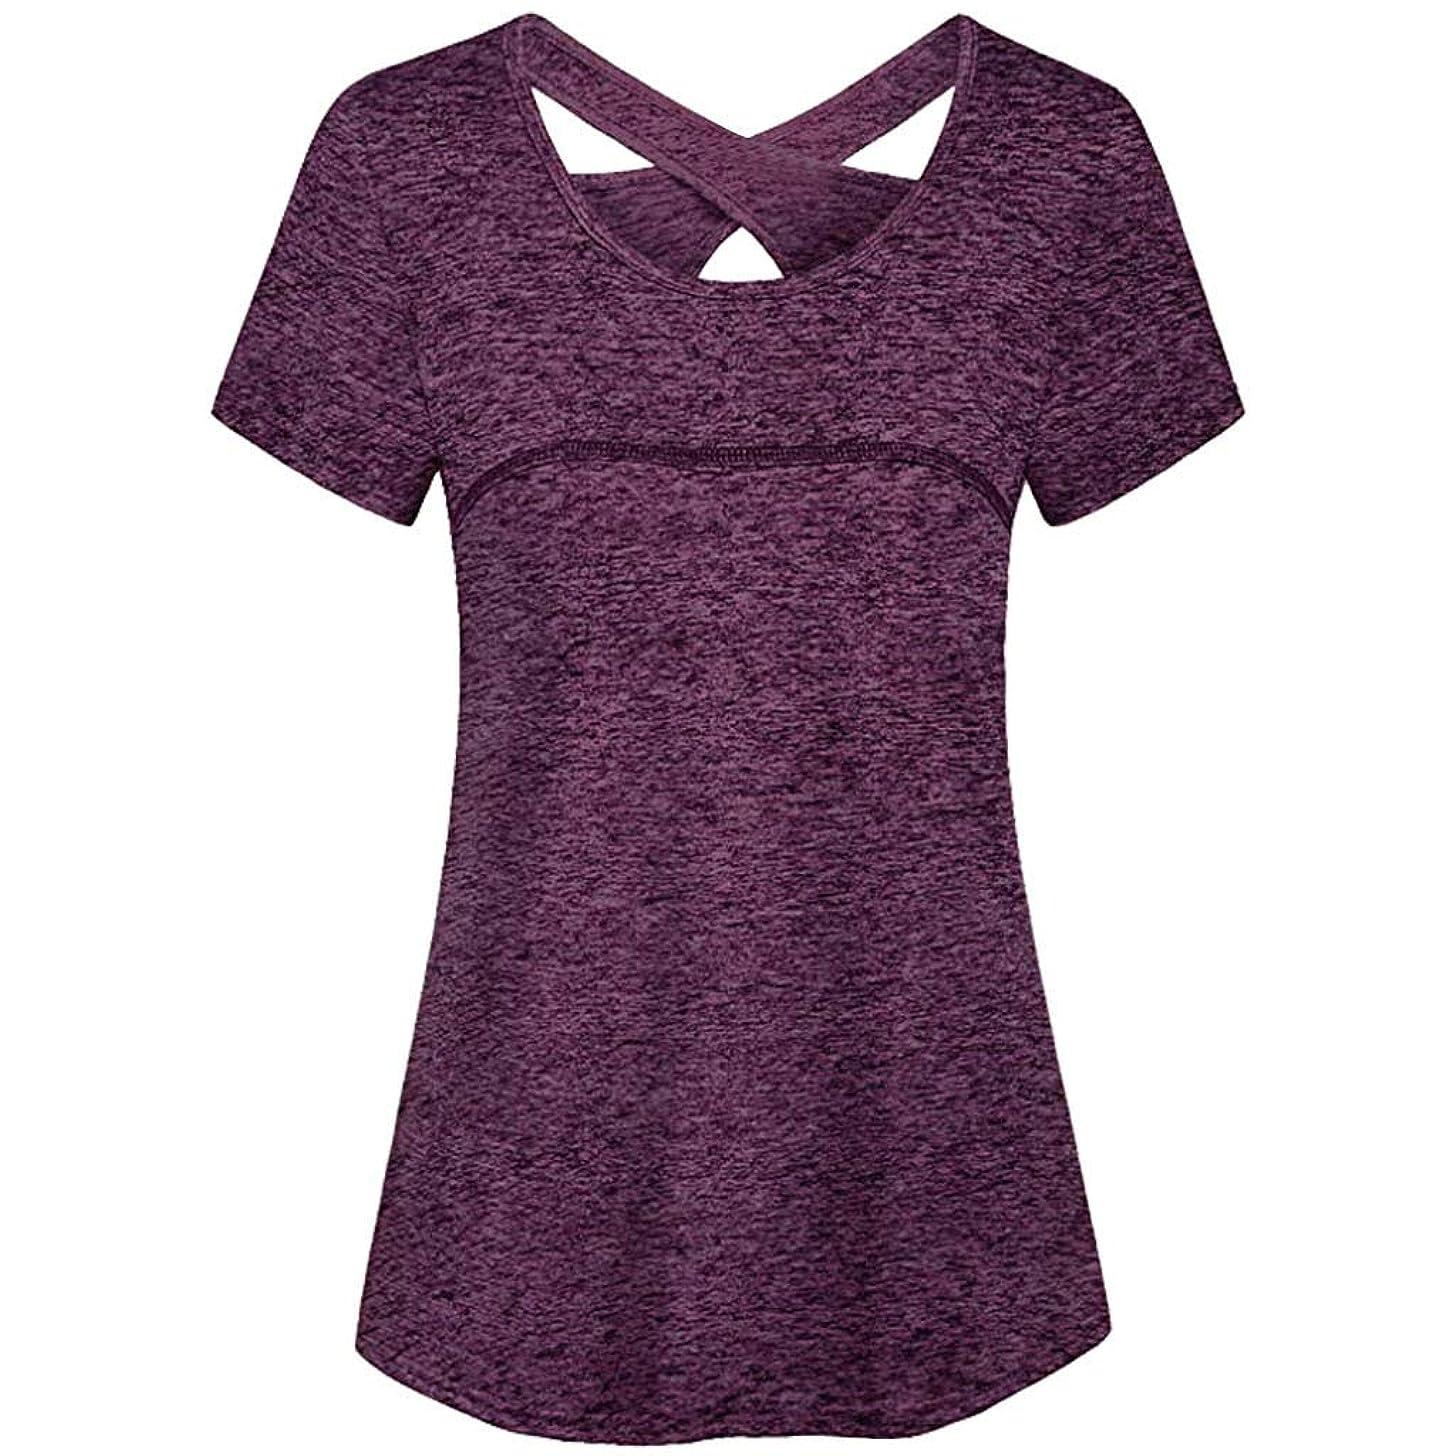 Sttech1 Women Causal Short Sleeve Round Neck Criss Cross Back Sport Yoga Shirt Tank Top Blouse